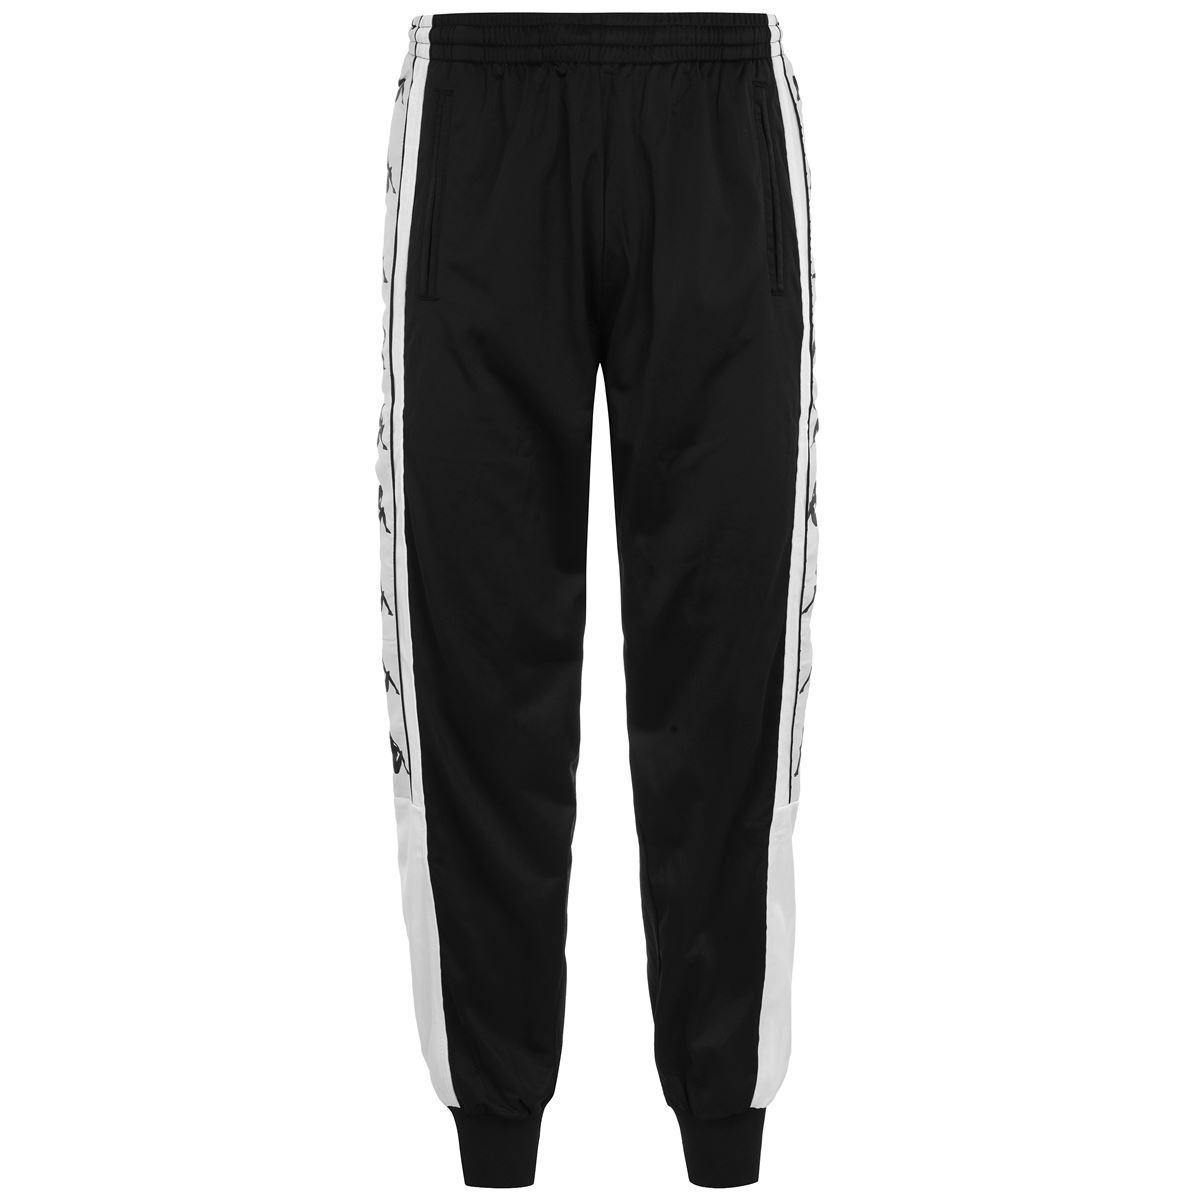 Kappa Pantaloni uomo-304LIC0